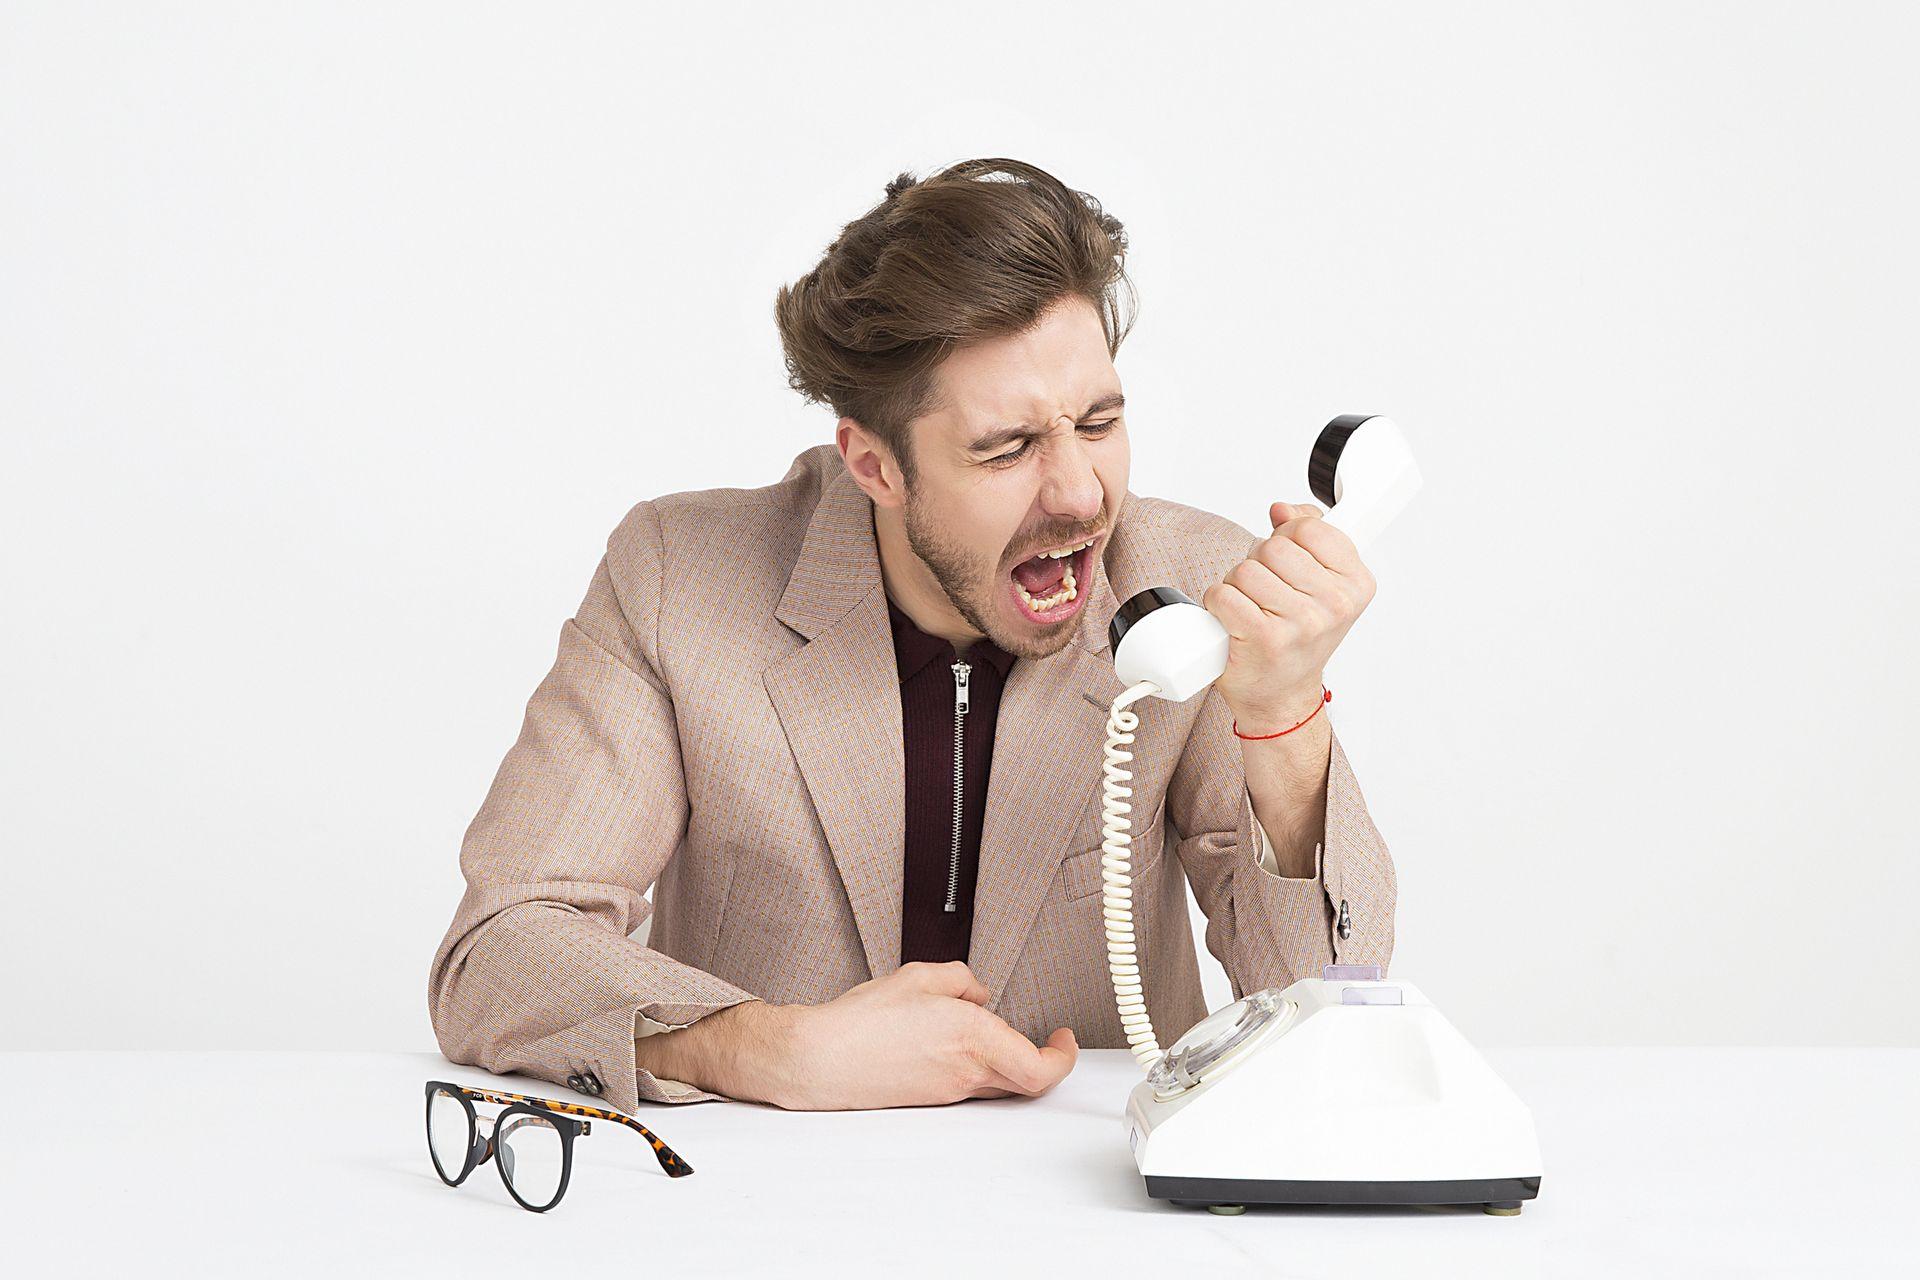 Telephone exchange customer angry